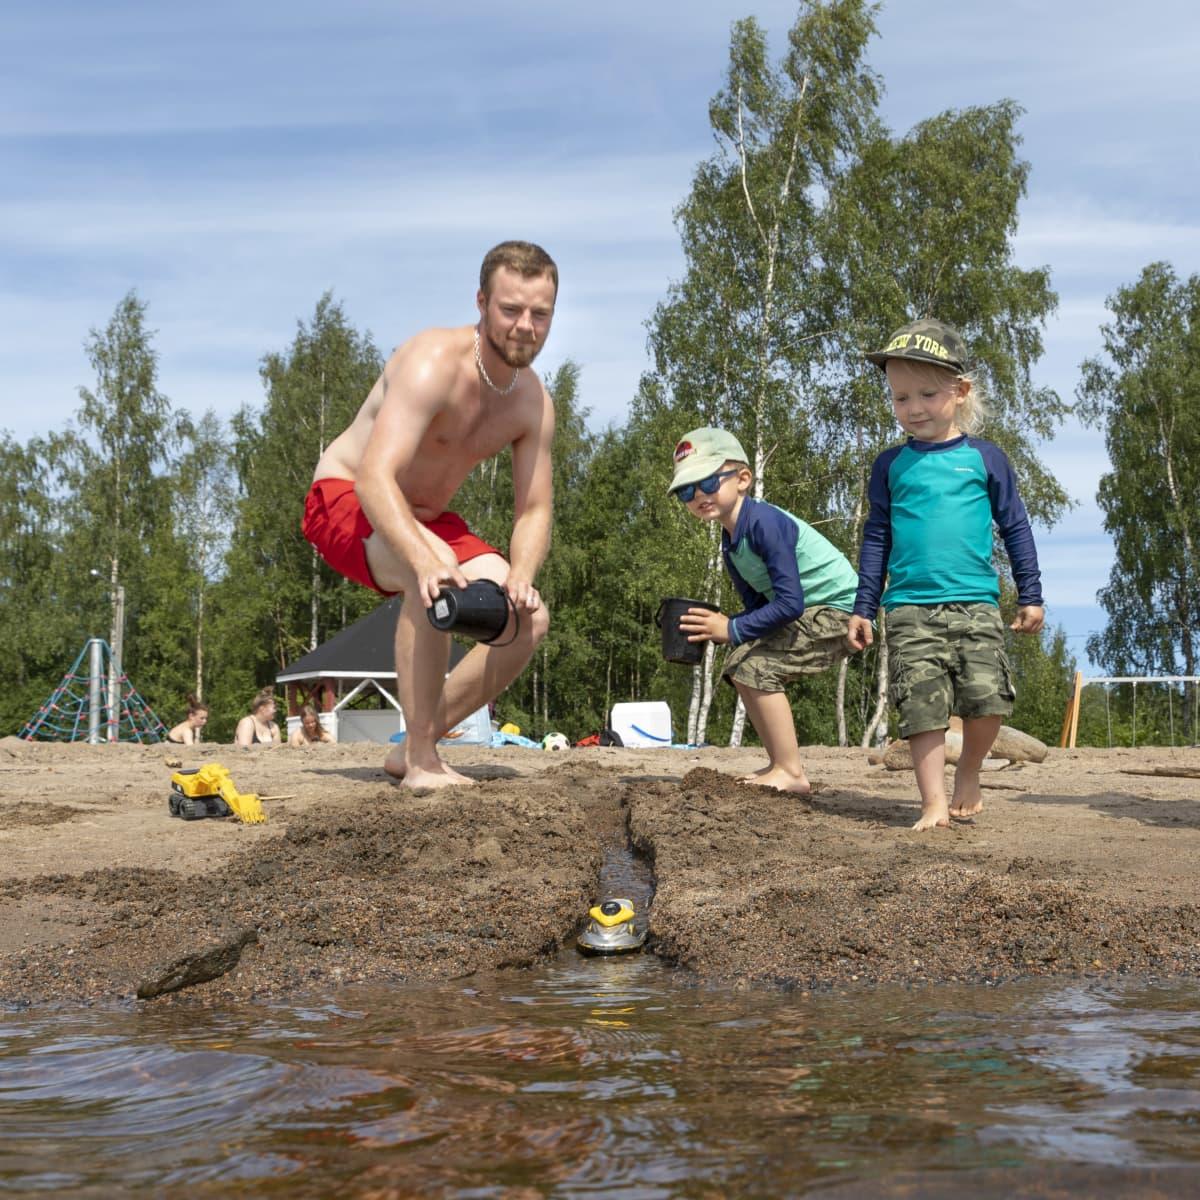 Isä ja pojat leikkivät vedellä Kemin Mansikkanokan uimarannalla.